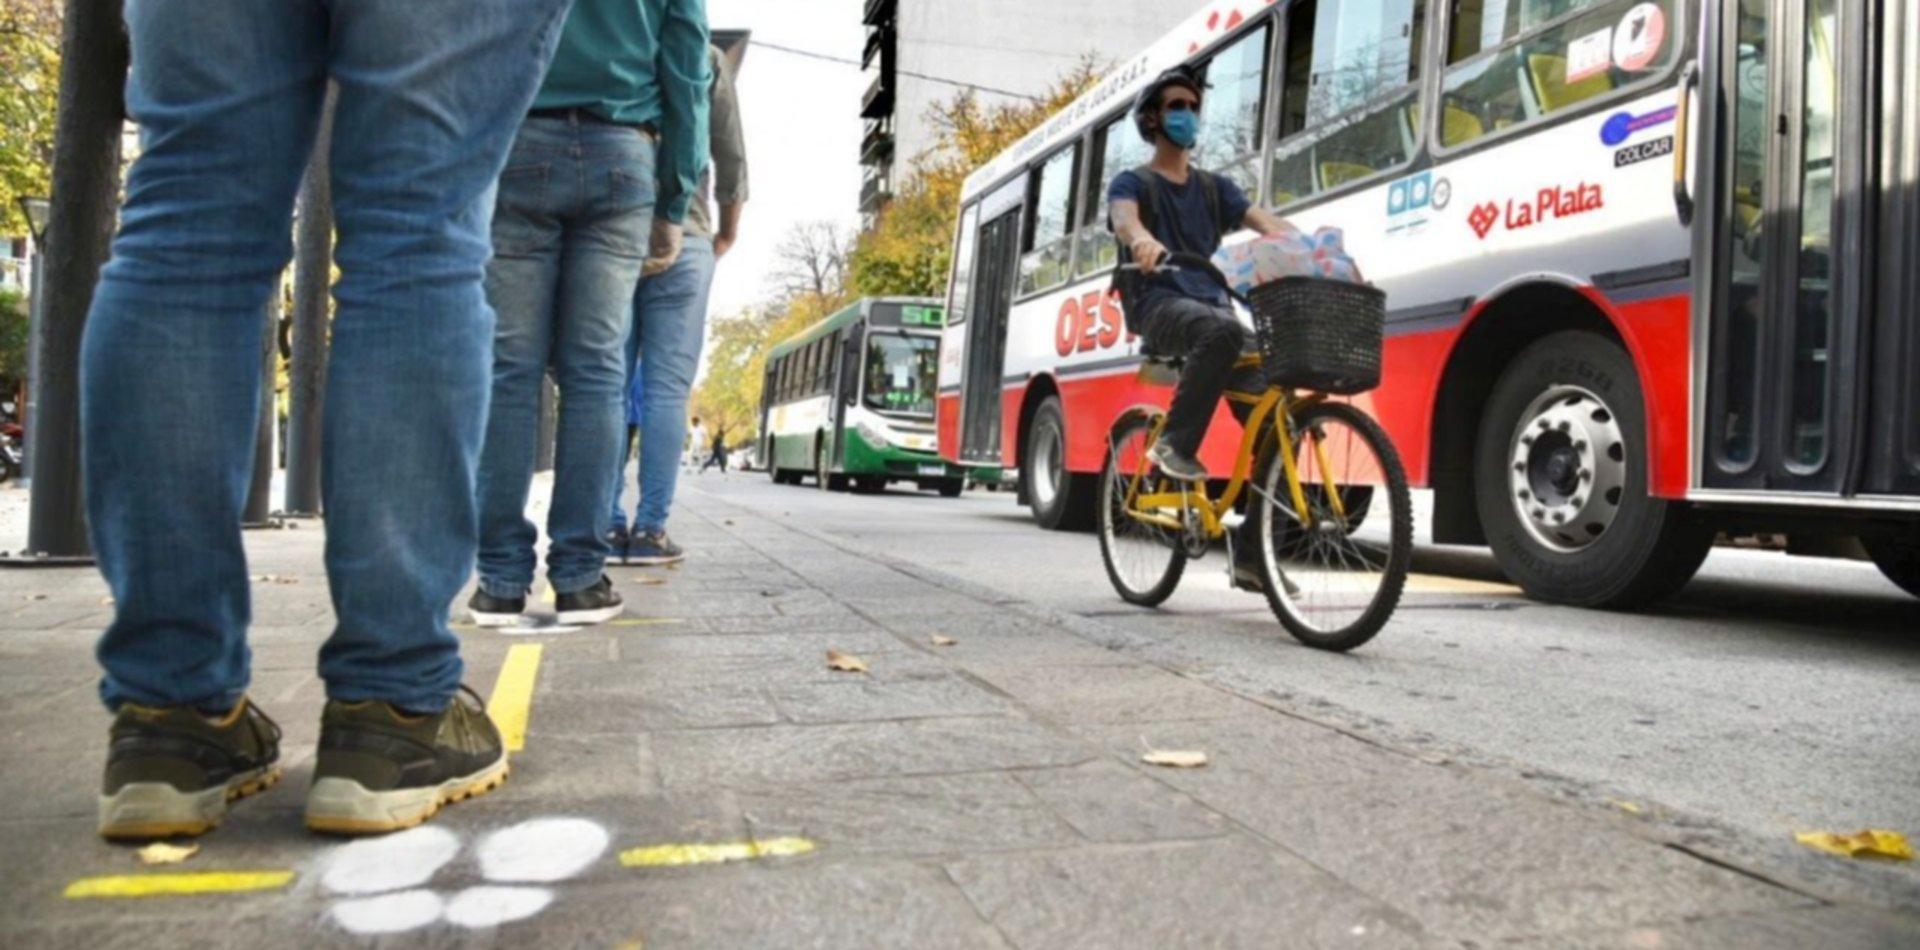 Siguen demarcando las calles de La Plata para prevenir contagios de coronavirus